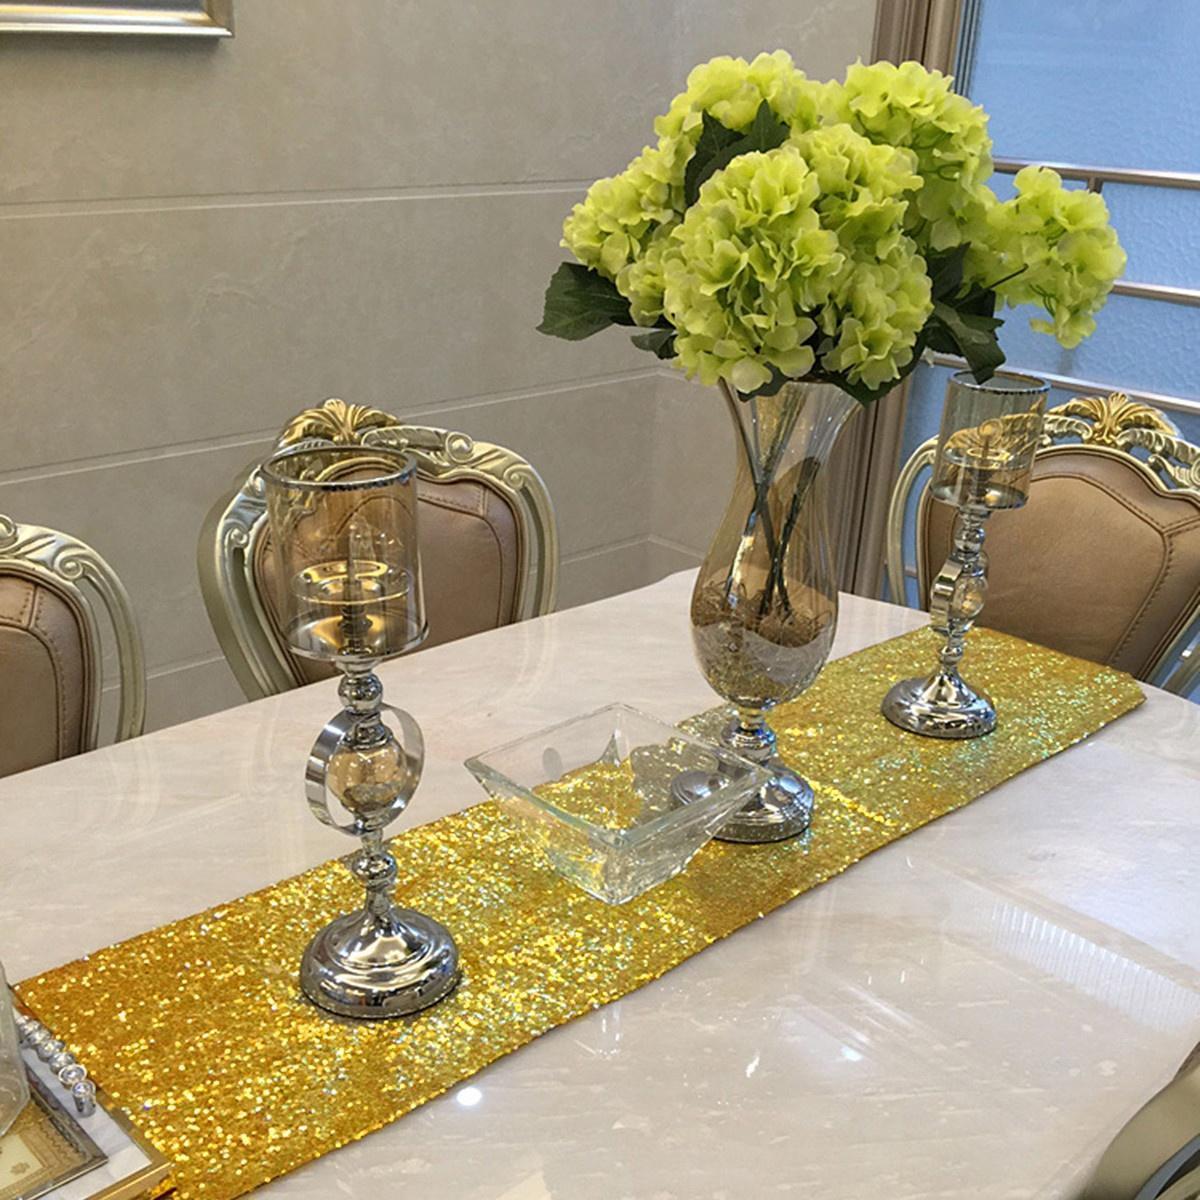 12-034-x72-039-039-108-034-118-034-Sparkle-Paillettes-Table-Runner-Tissu-Mariage-Banquet-Fete-Decor miniature 19